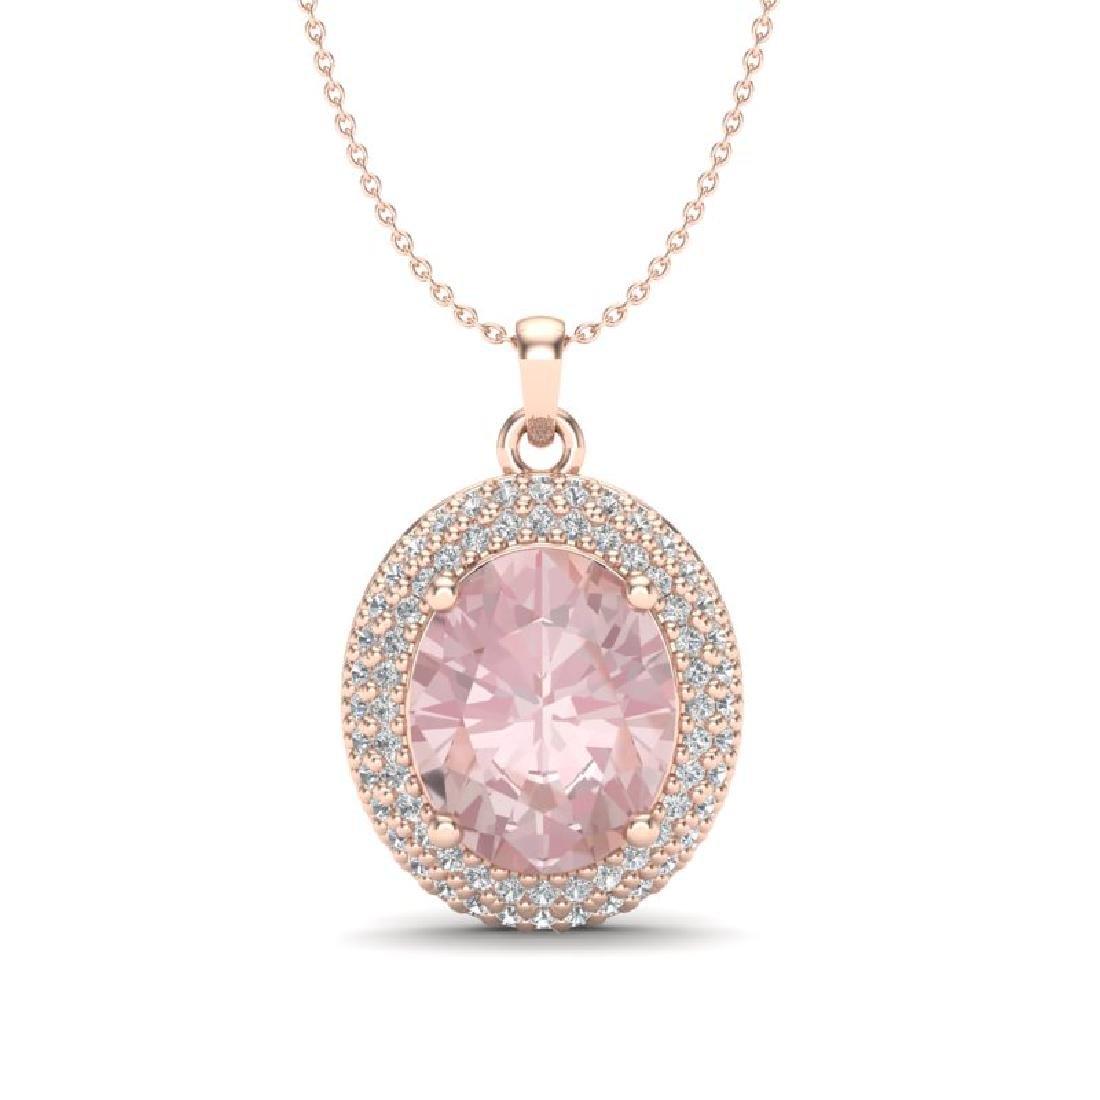 4.50 CTW Morganite & Micro Pave VS/SI Diamond Necklace